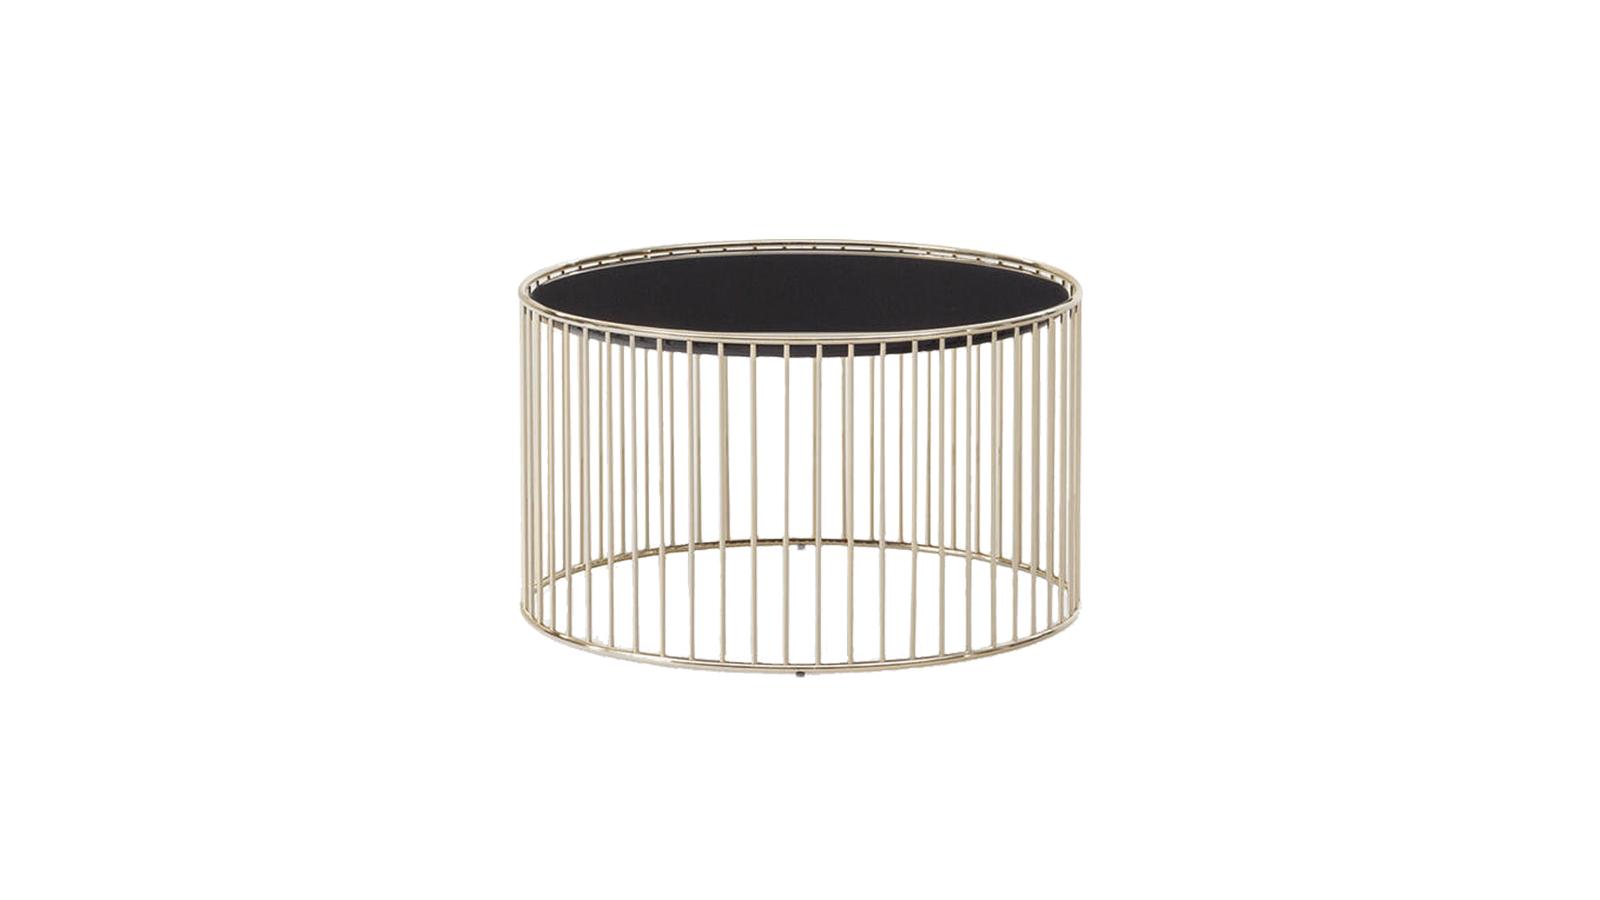 A Caulfield lerakóasztalok szépségét a letisztult szerkezet egyszerűsége adja, mely szinte valószerűtlenül vékony tartóelemekből áll. Az asztal négy méretben és két, elegáns kivitelben kapható: a képen is látható Light Gold tompa ragyogással tölti meg a szobát, míg a Black-Nickel sokkal formálisabb, visszafogottabb hatást kelt.